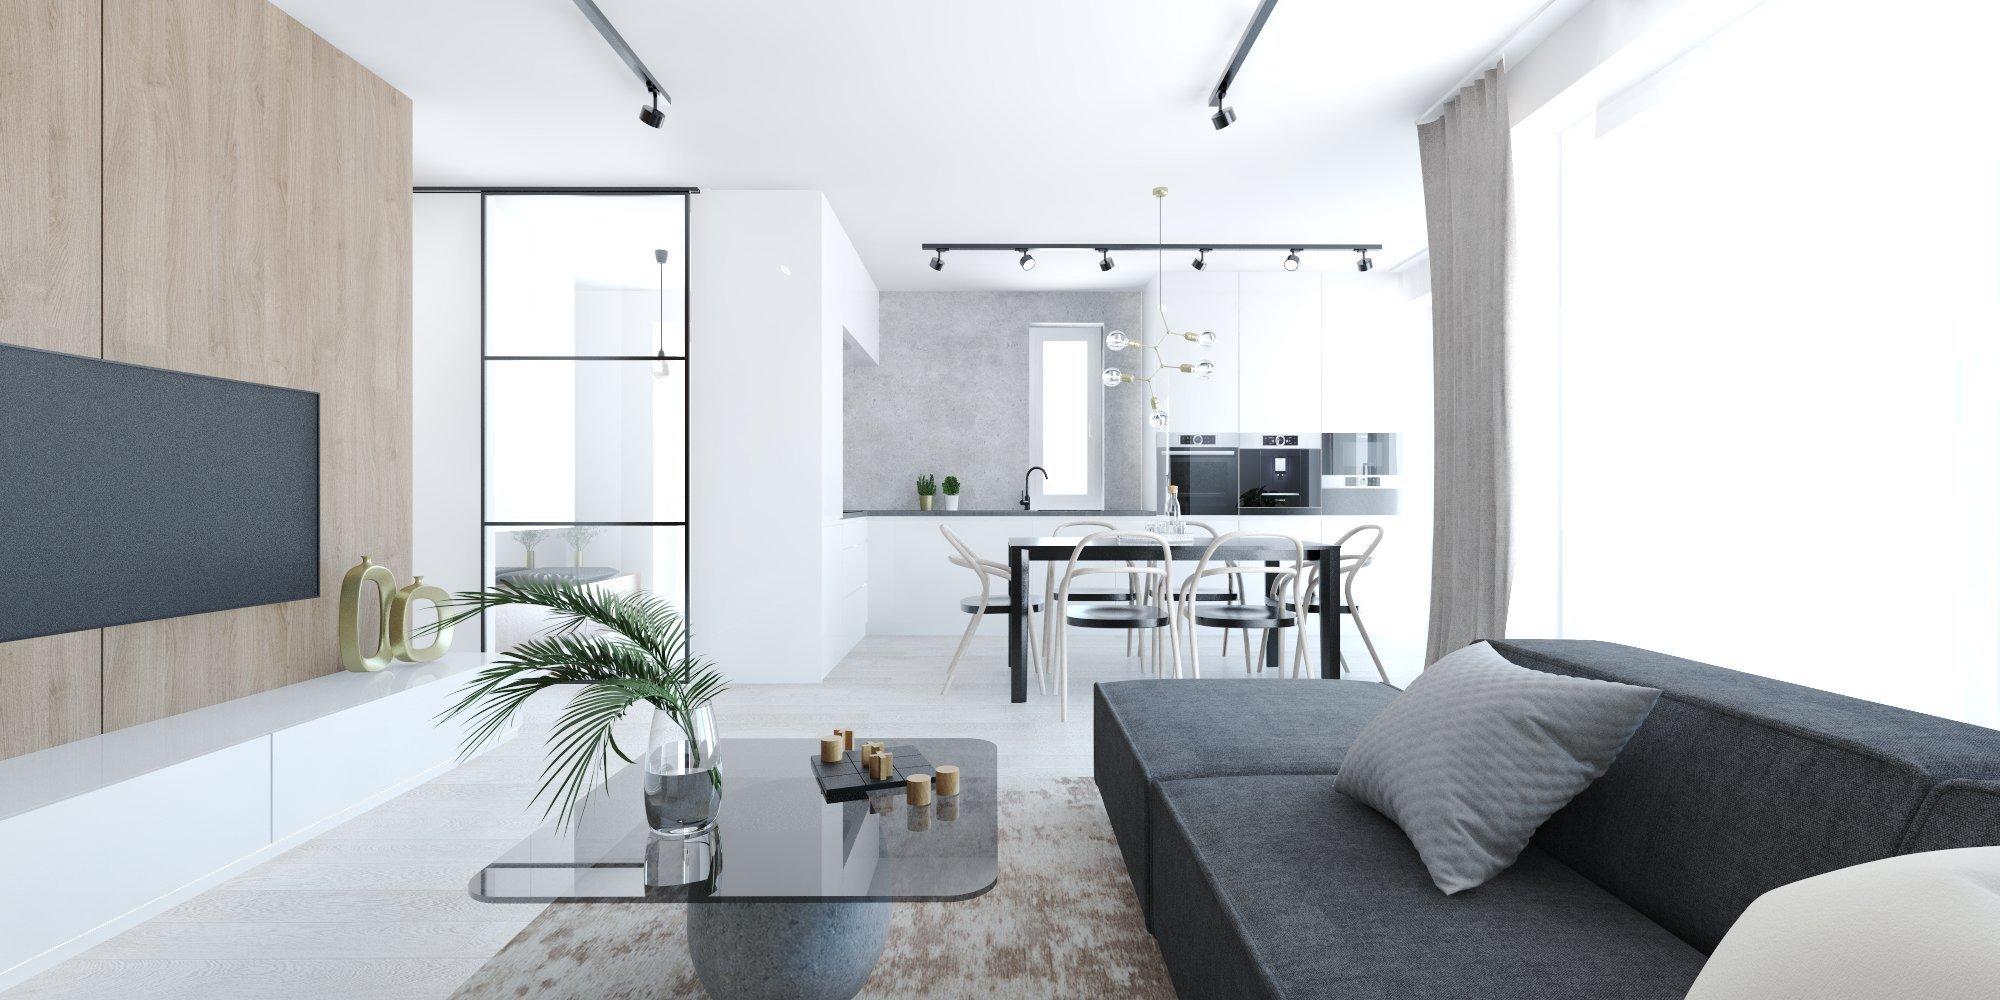 RD v Bratislave Minimalistický koncept interiéru a kontrastné materiály sú spoločným menovateľom pre tento priestor domu.